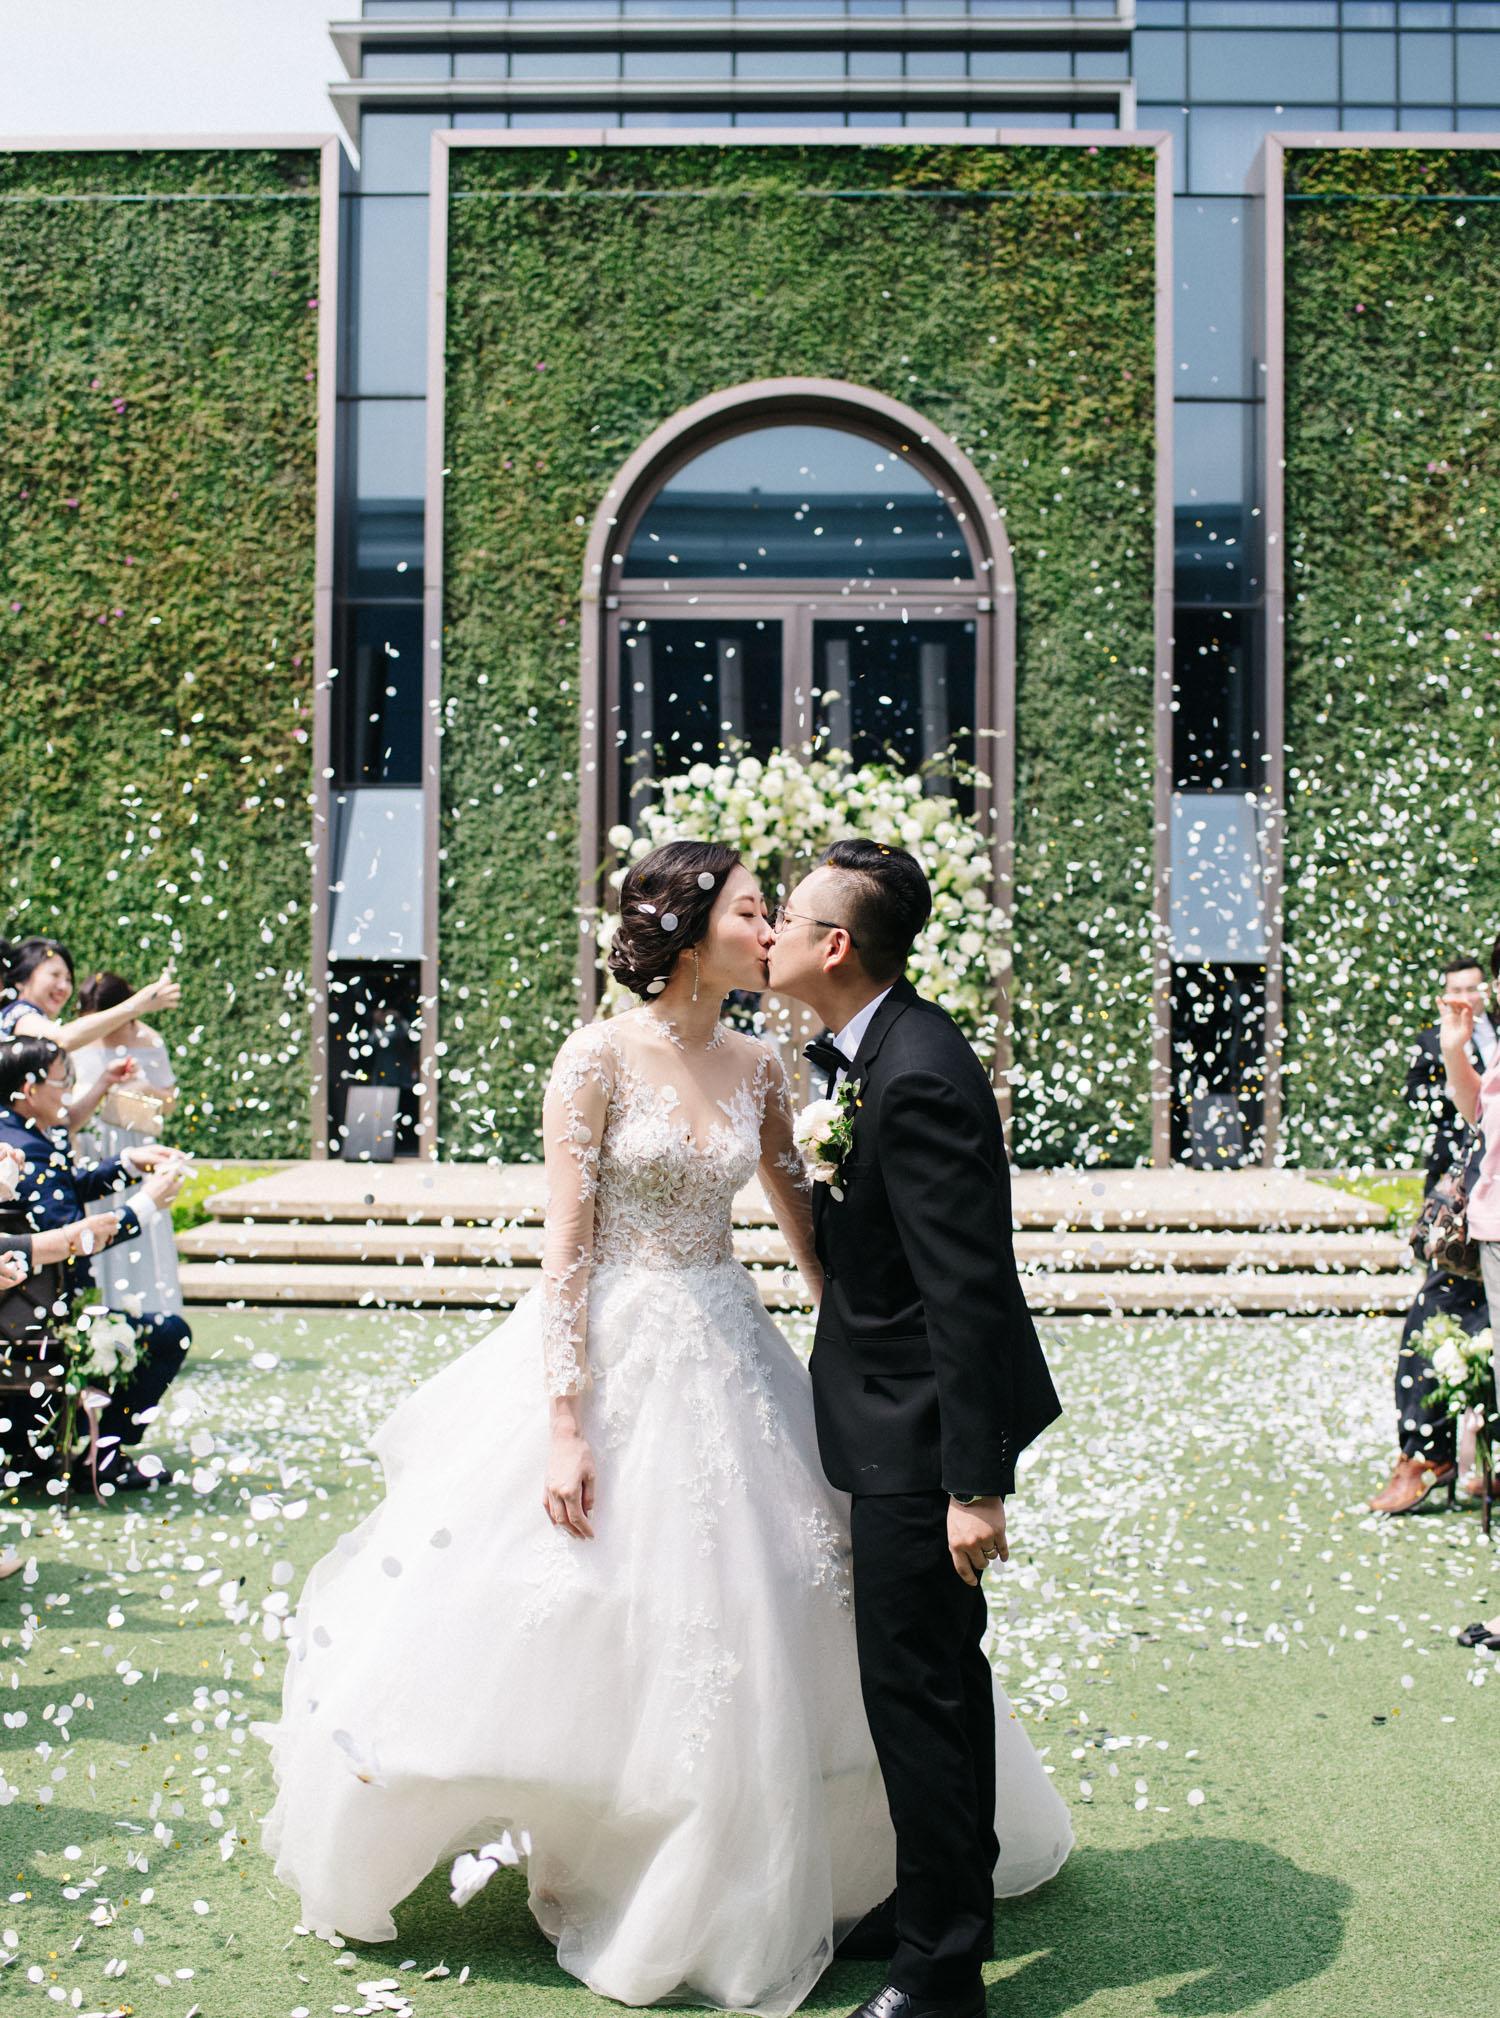 戶外婚禮-萬豪酒店-婚攝-Mark Hong-底片